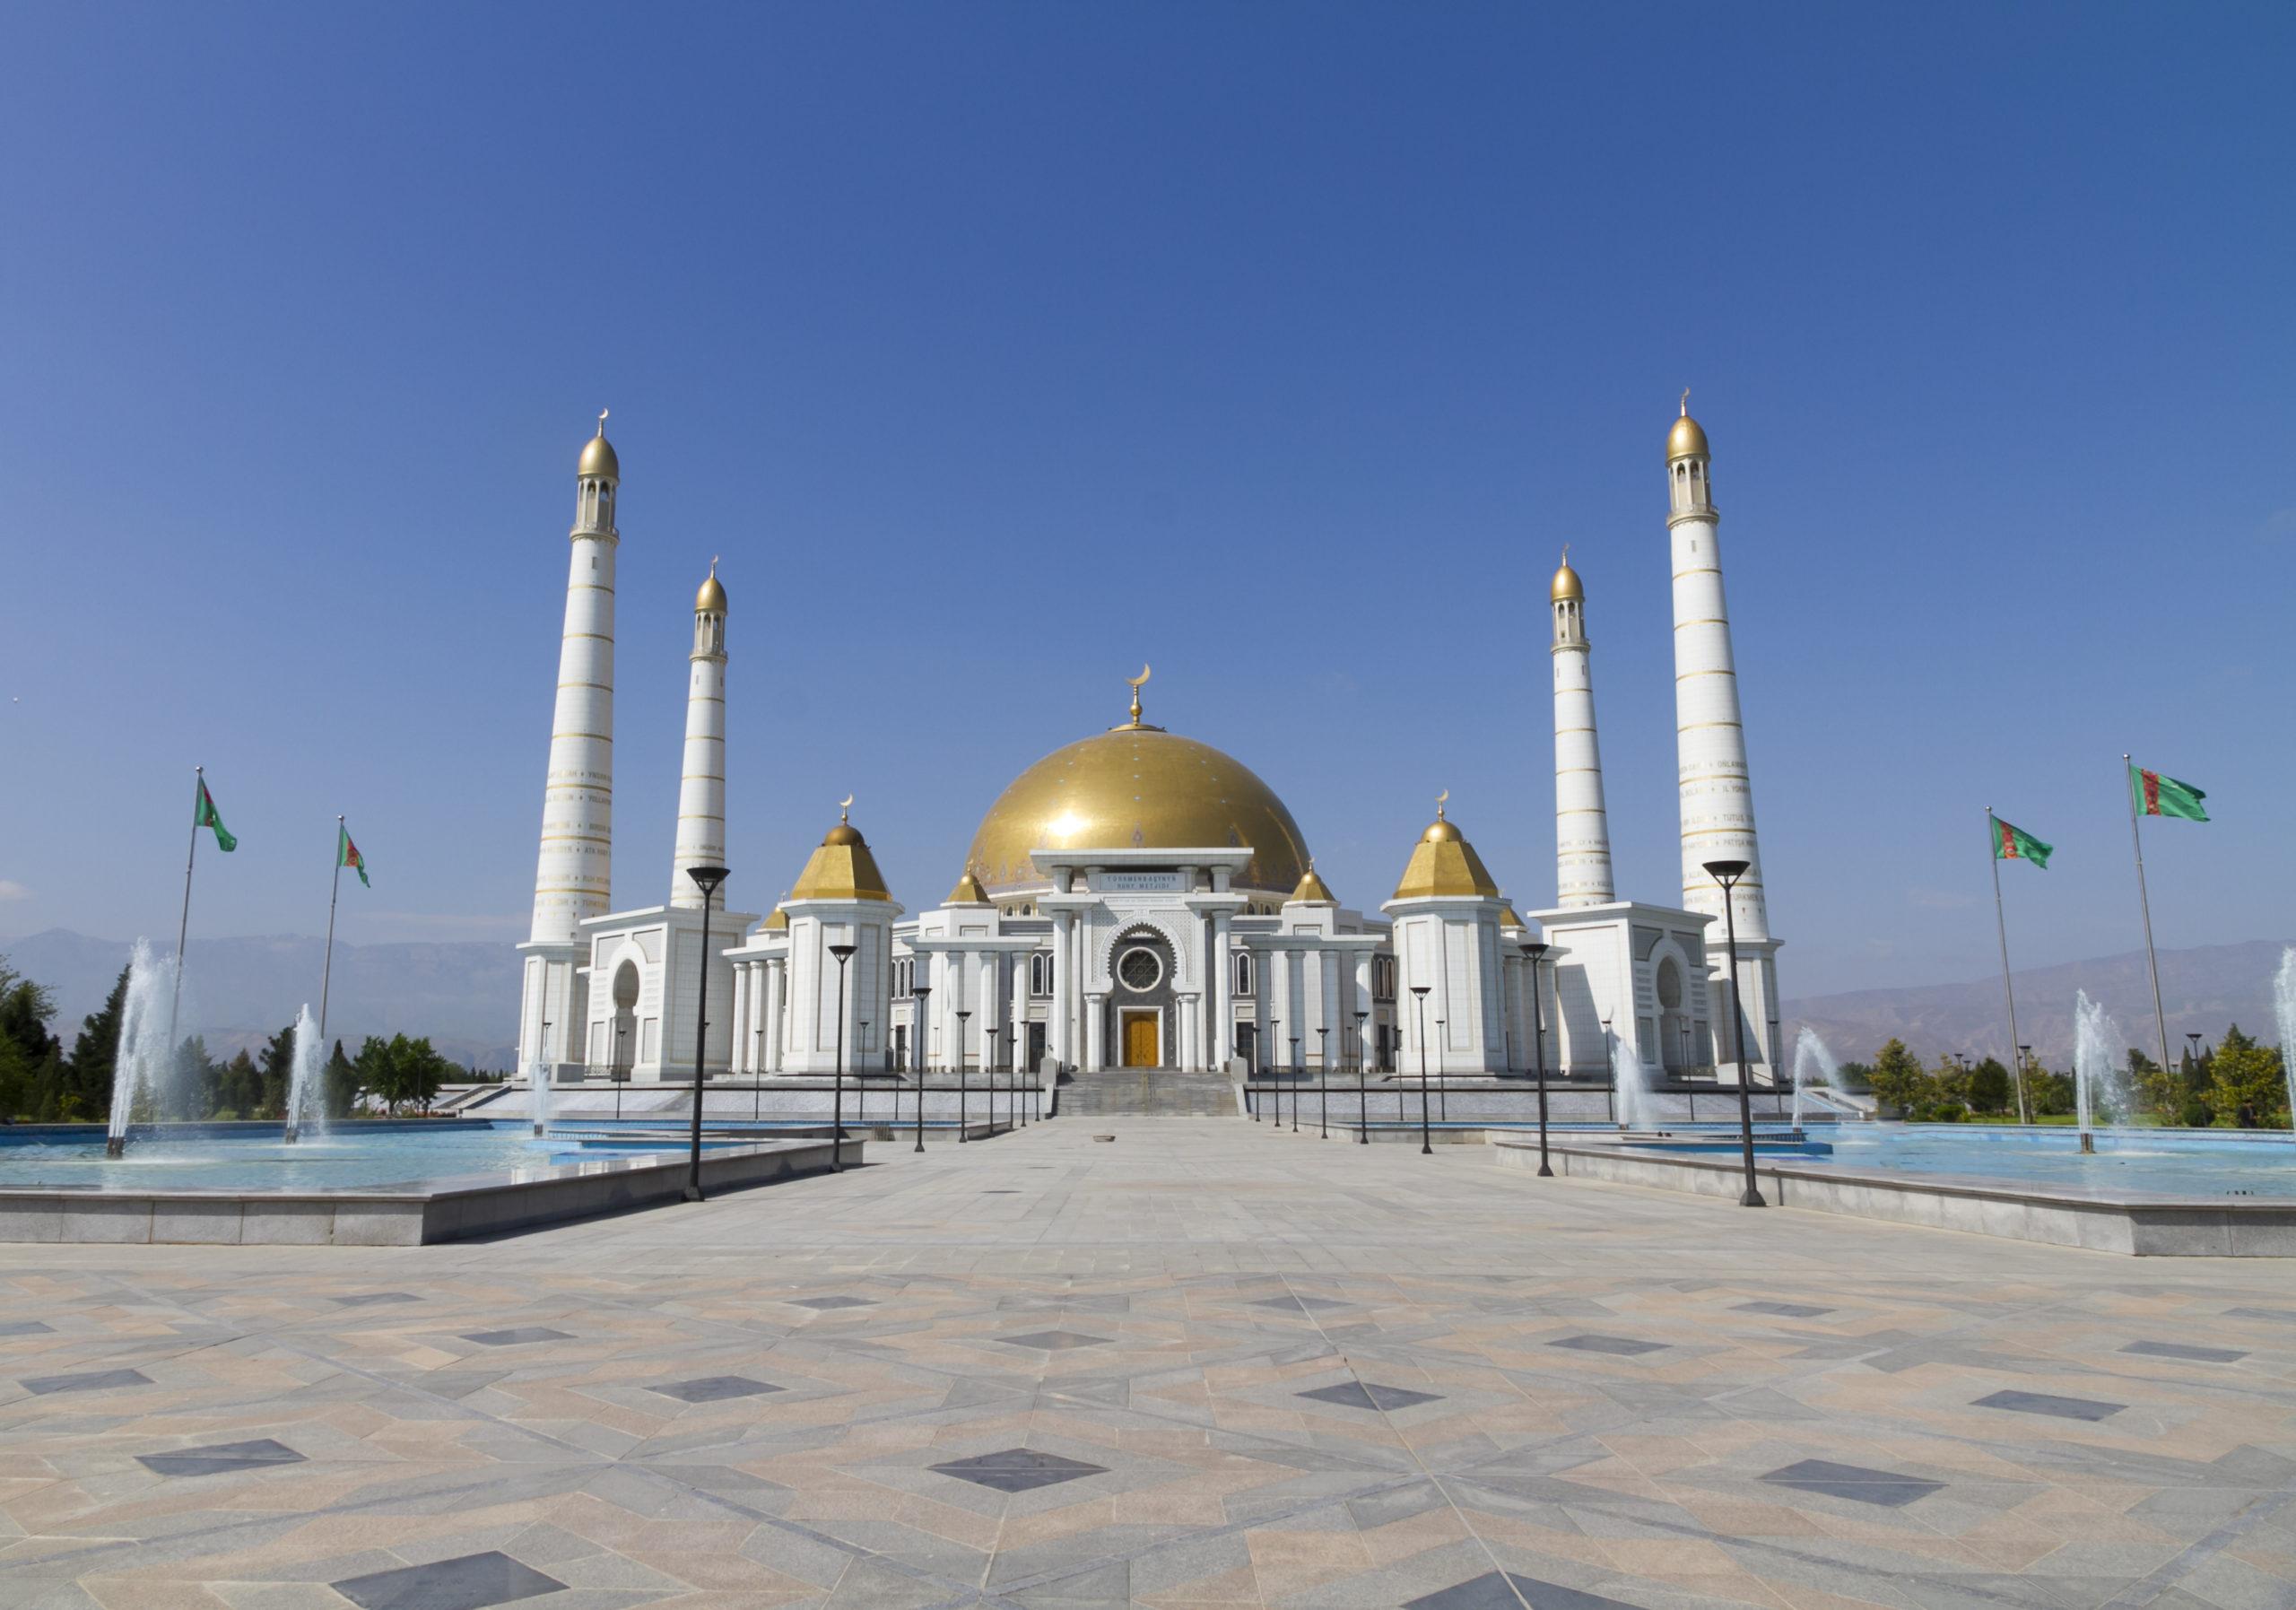 shutterstock_440919706_grand-mosque-ashgabat-turkmenistan